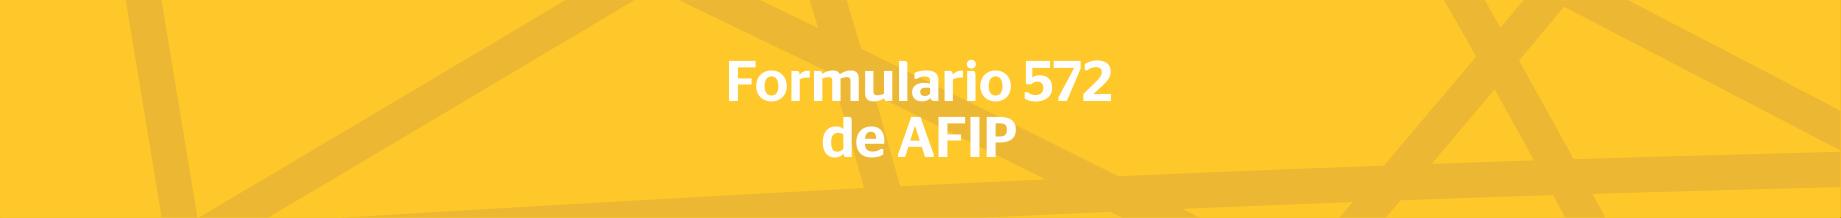 Formulario 572 de AFIP